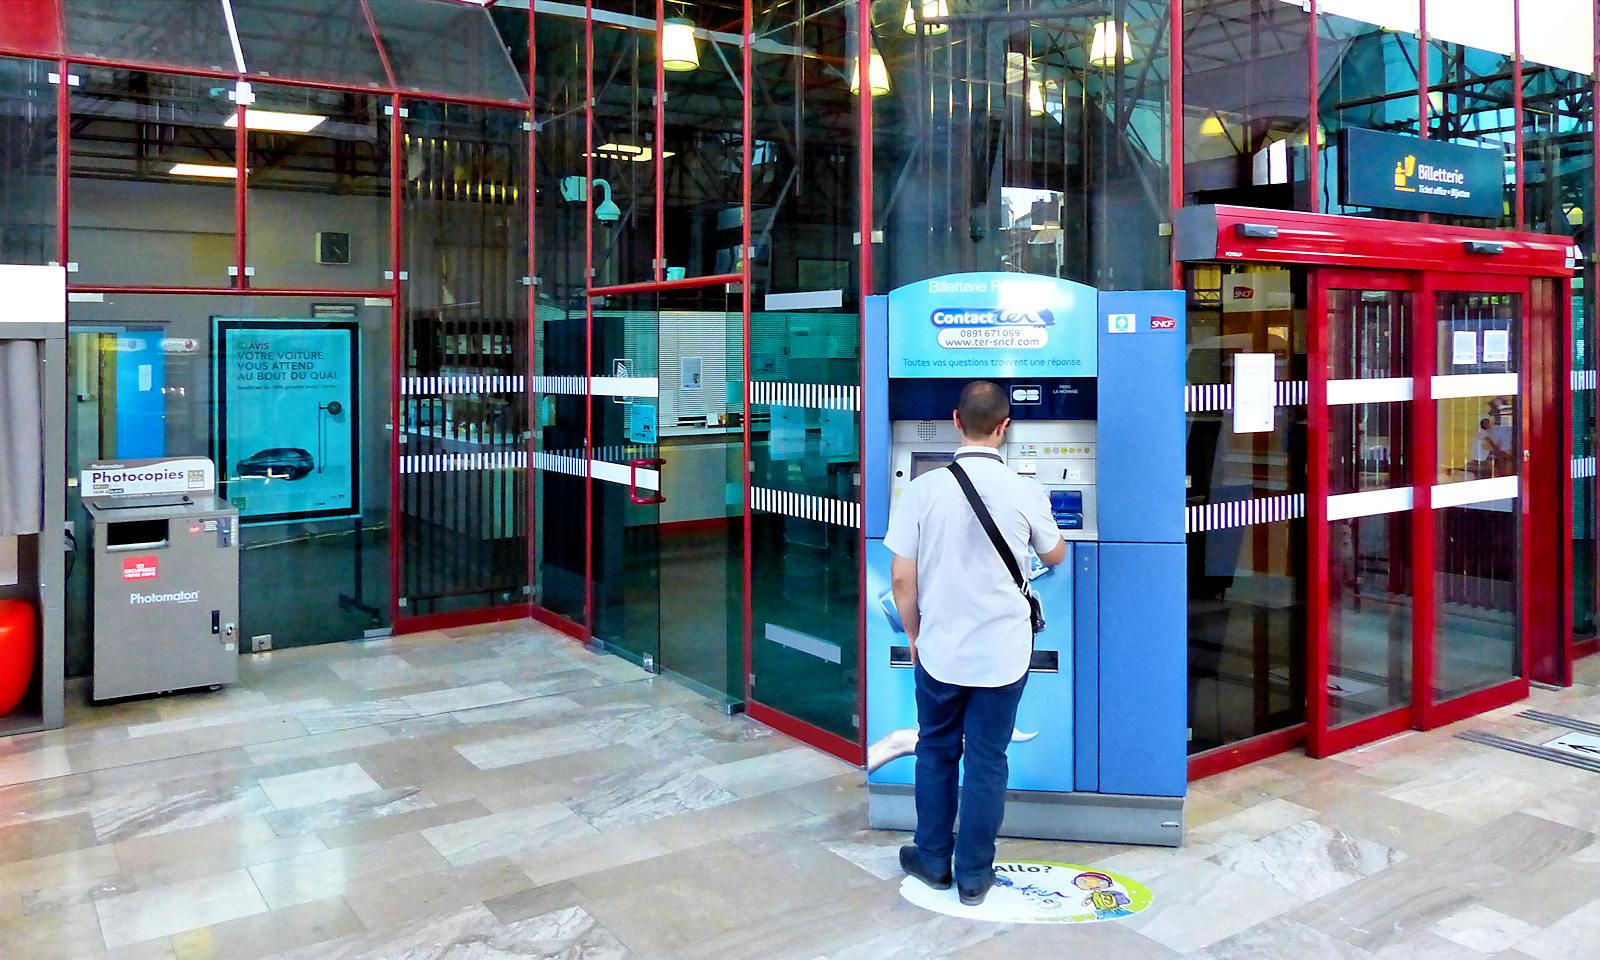 Gare de Tourcoing - Billetterie automatique